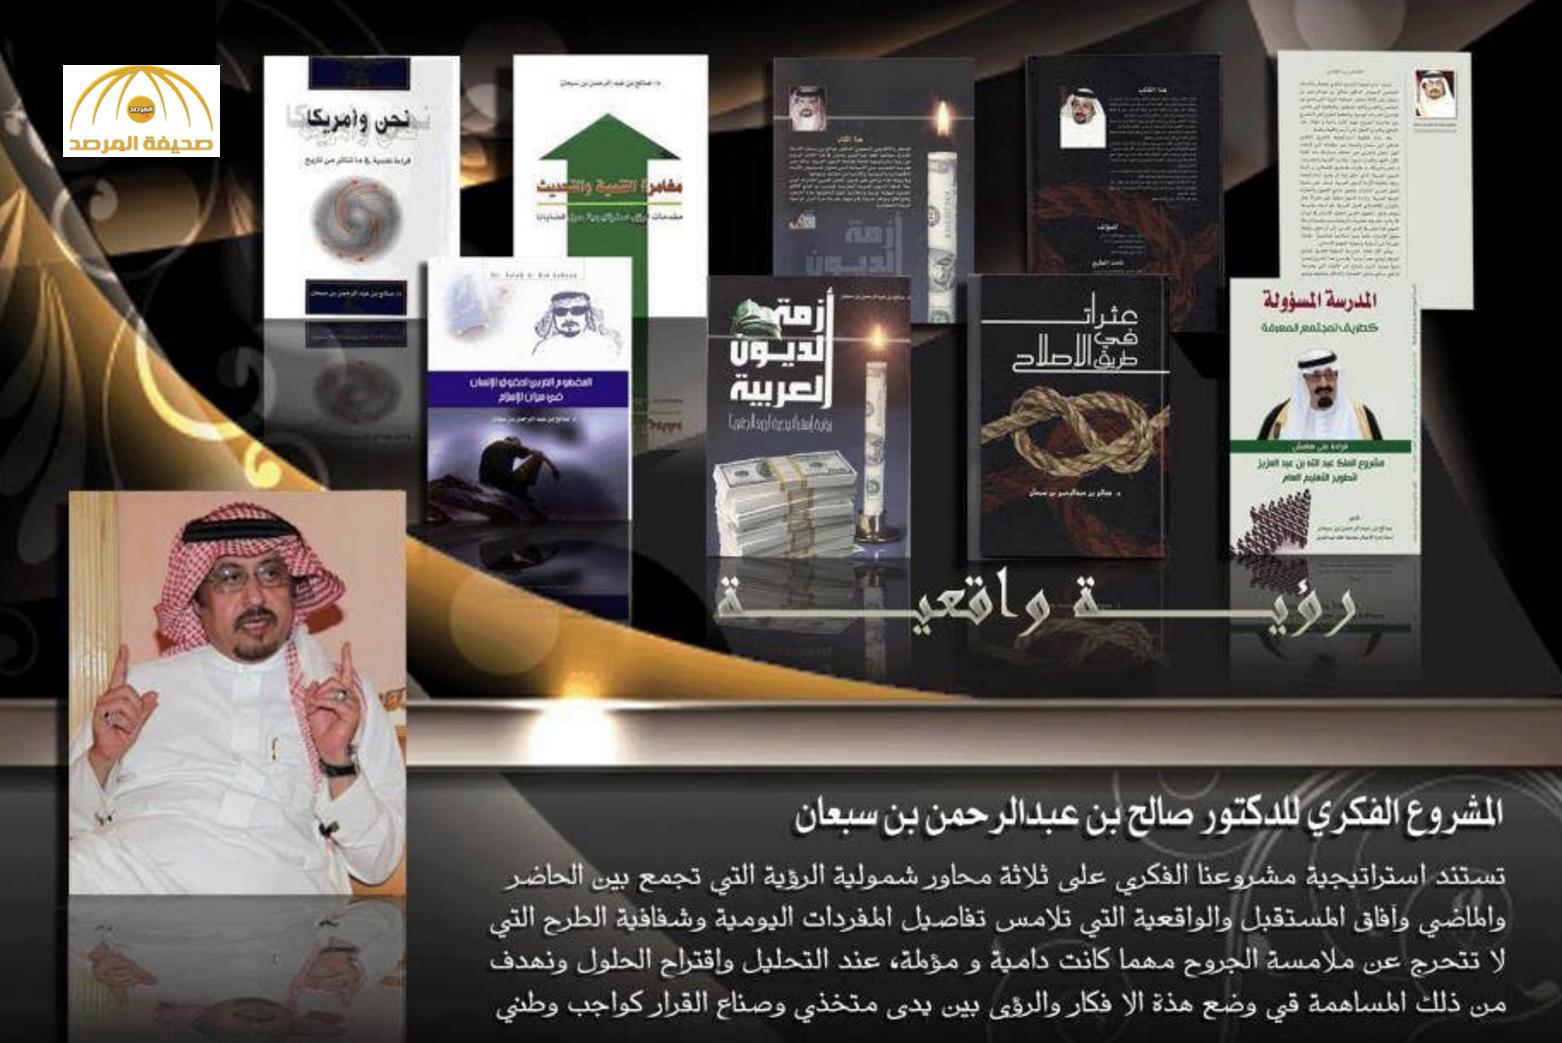 """الدكتور """"صالح بن سبعان""""يكشف عن مشروعه الفكري في 3 محاور استراتيجية"""